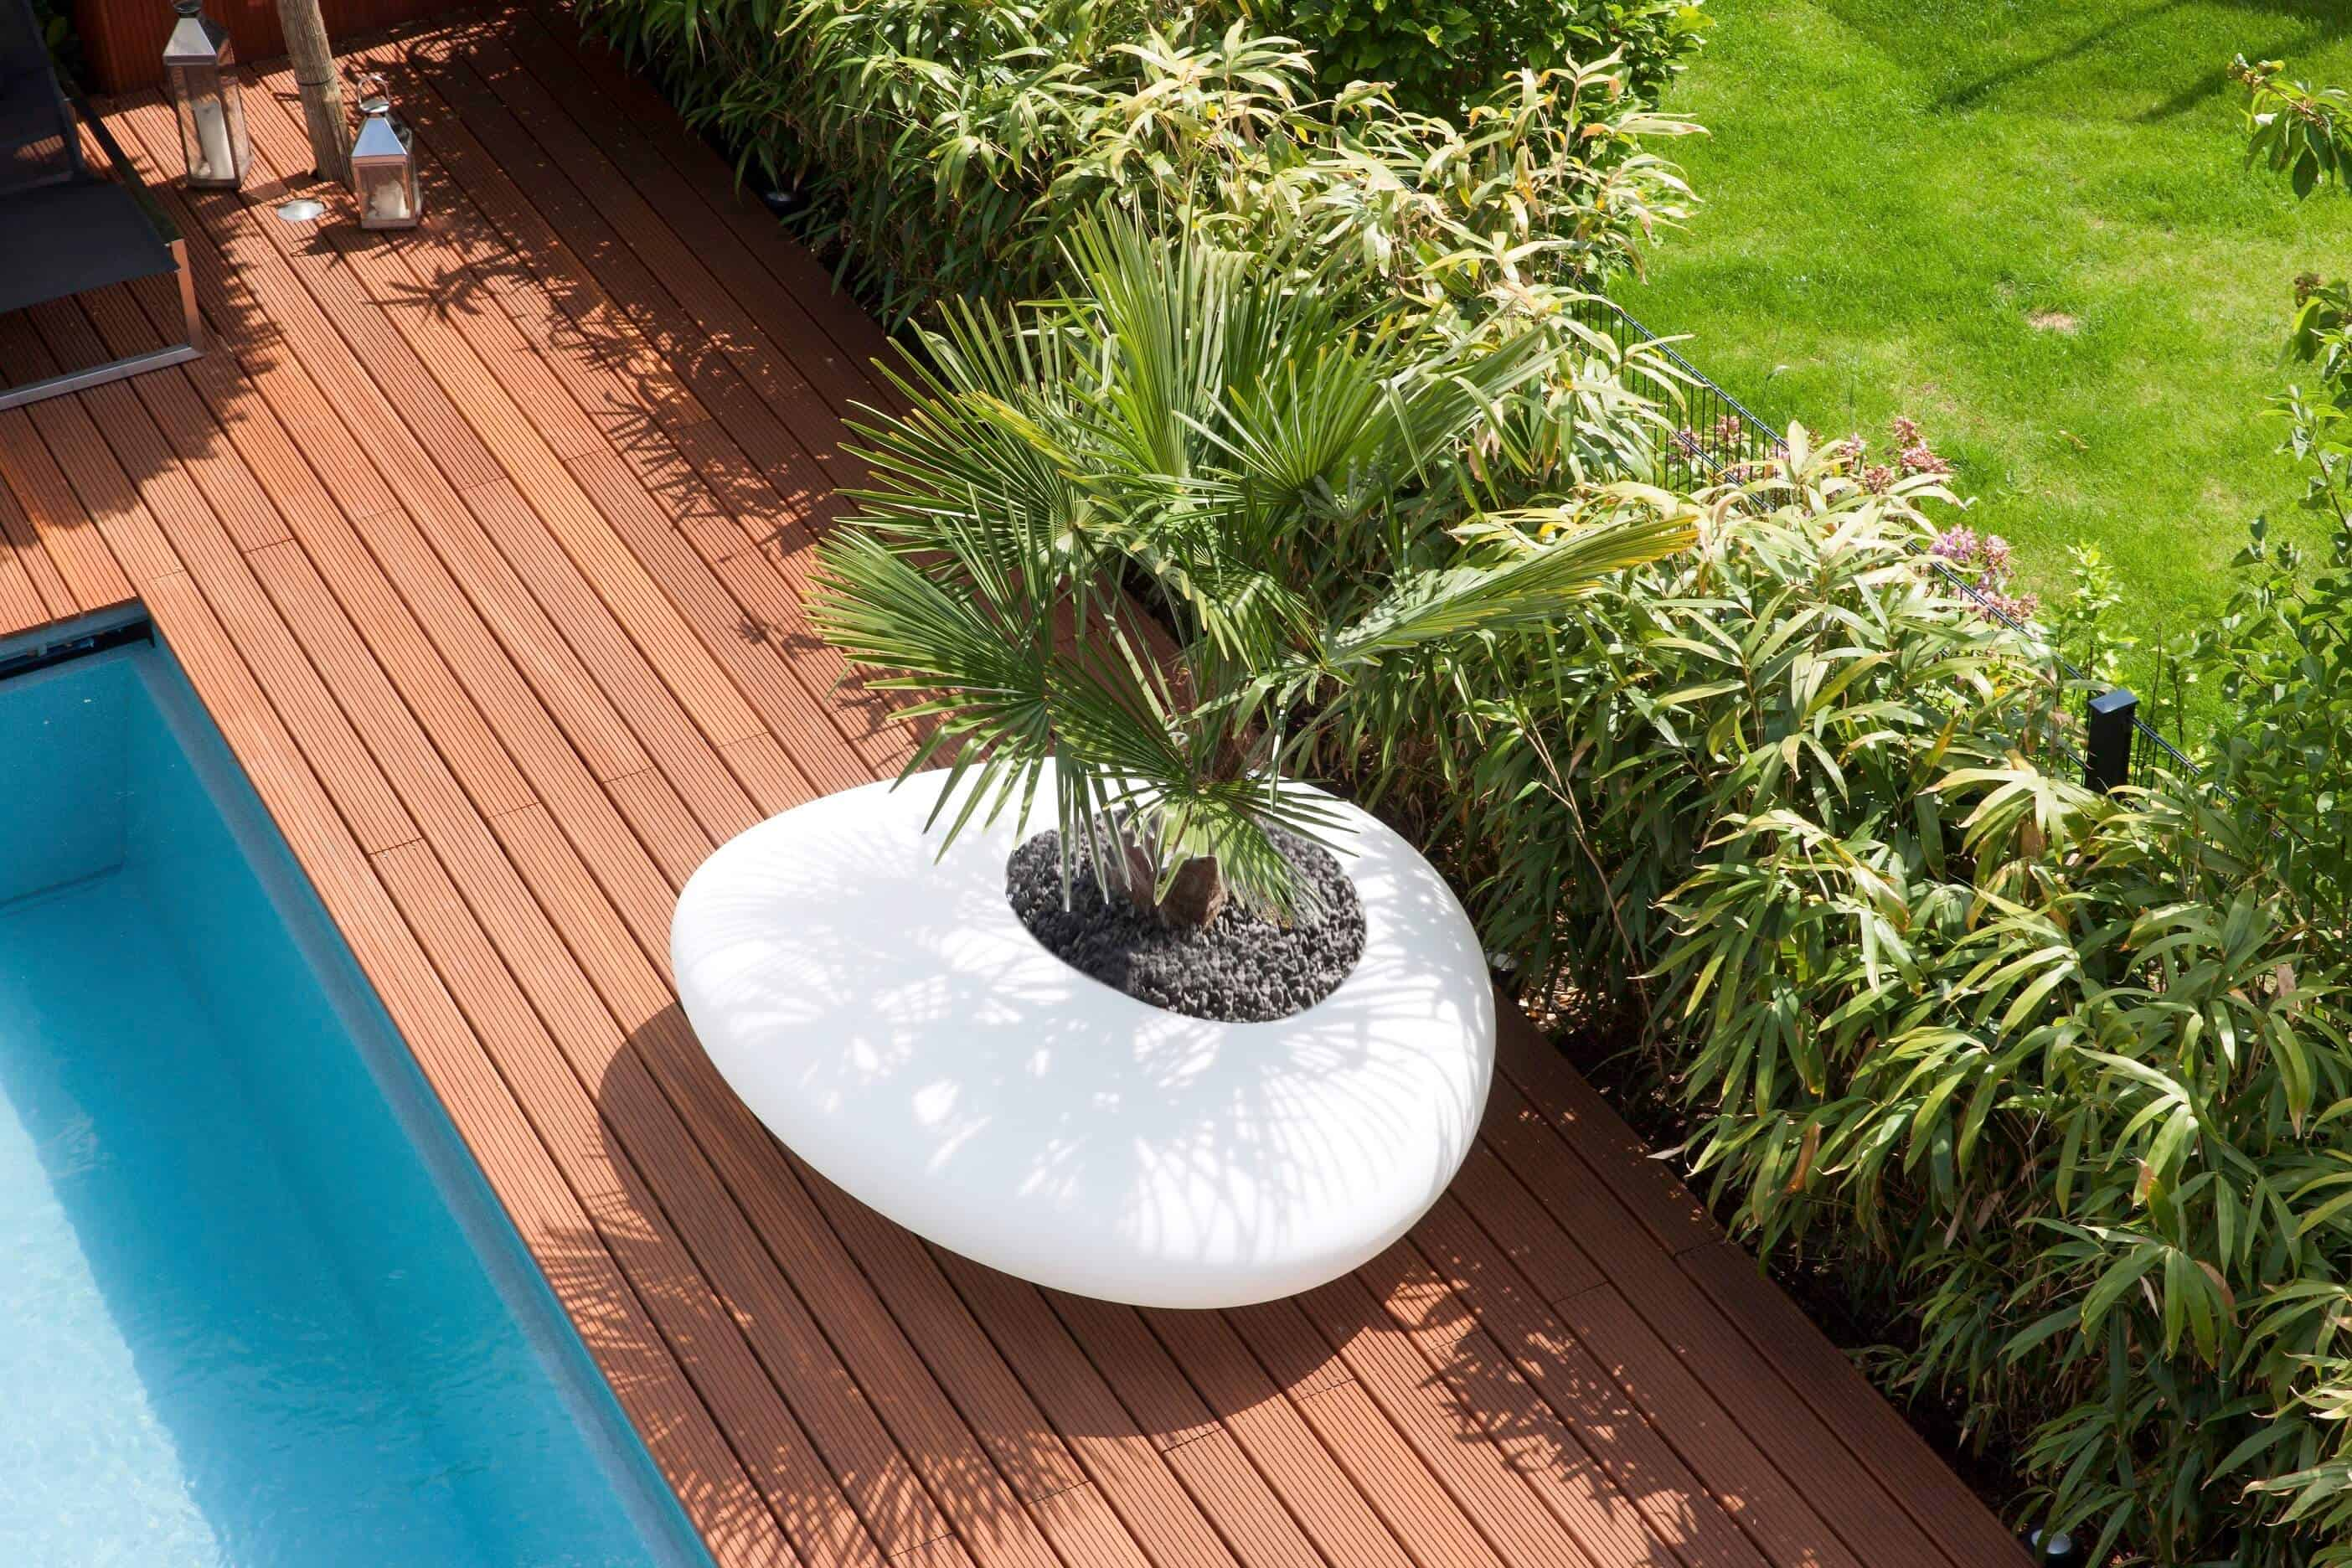 Grote bloembak is eveneens zitbank en verzorgt de privacy éénmaal de planten volgroeid zijn